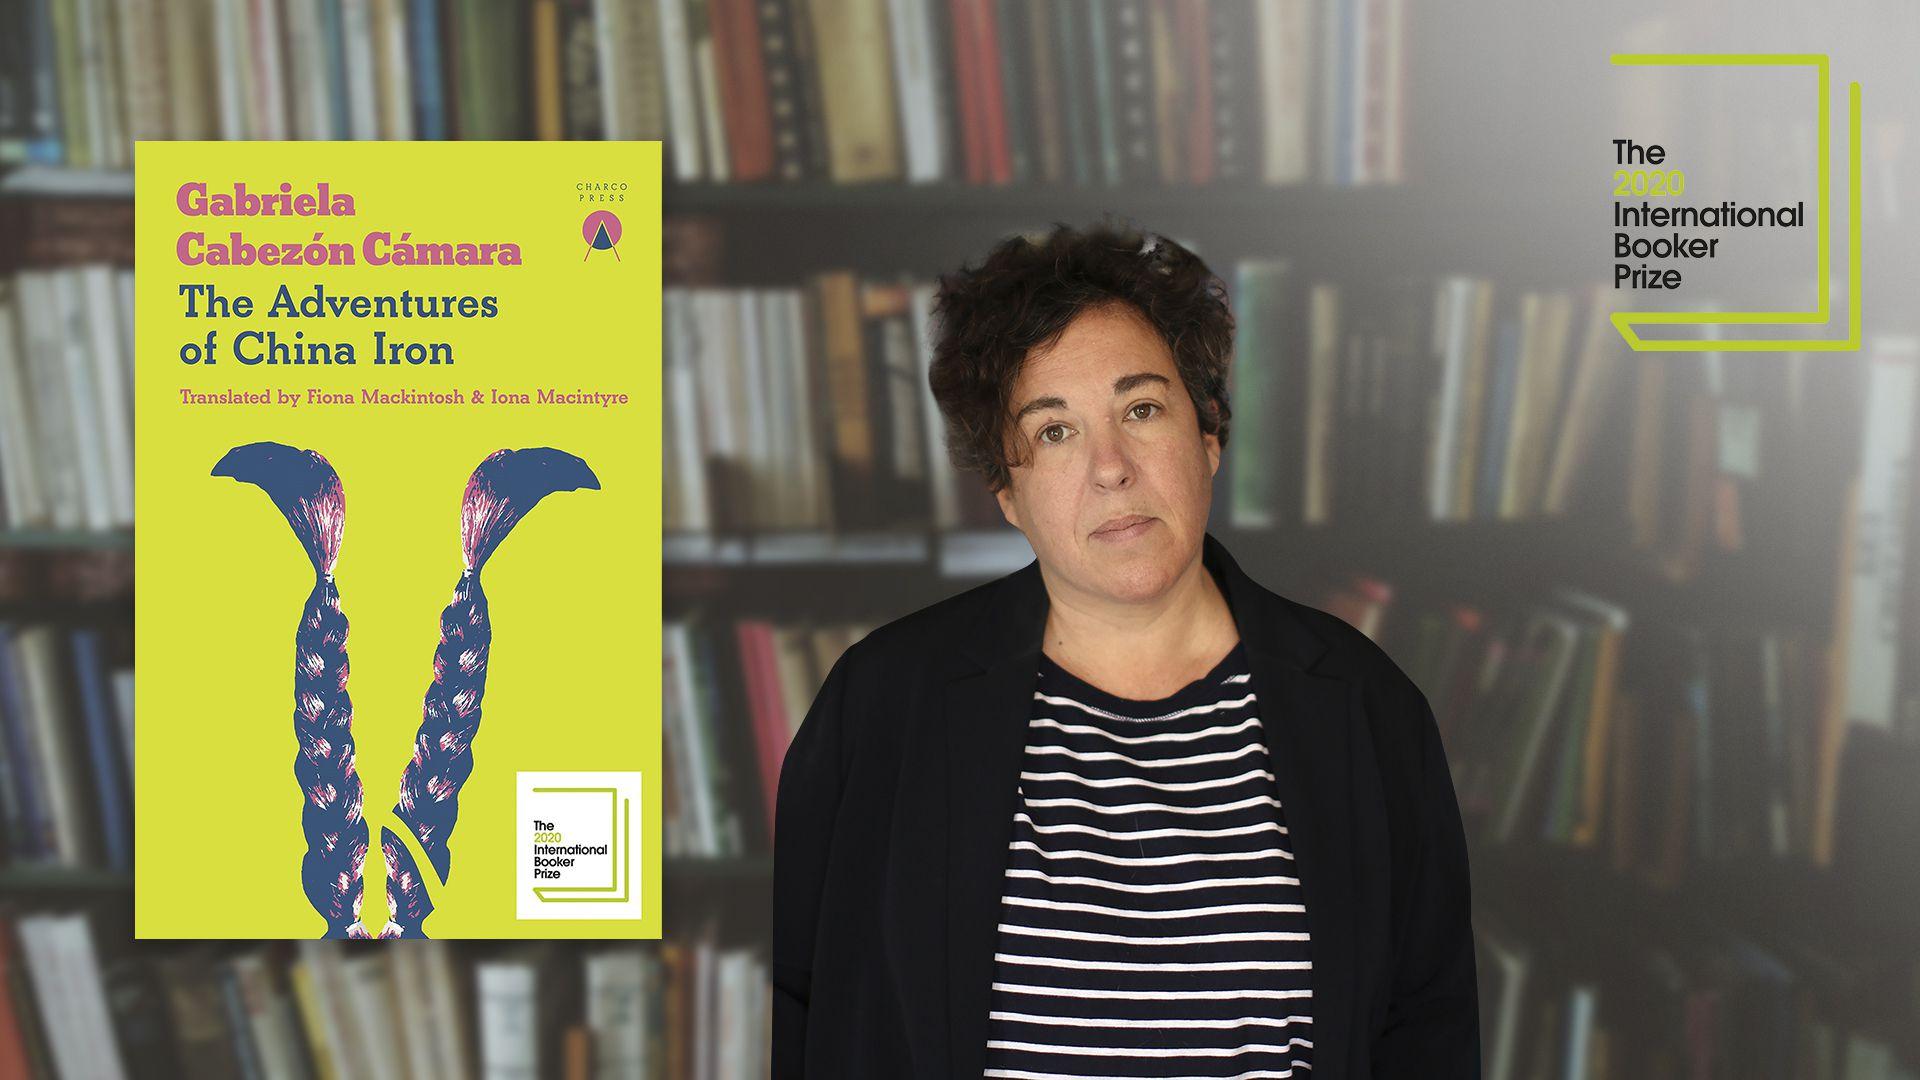 The adventures of China Iron de Gabriela Cabezón Cámara, traducido por las británicas Iona Macintyre y Fiona Mackintosh, ingresó a la shortlist del prestigioso International Booker Prize 2020